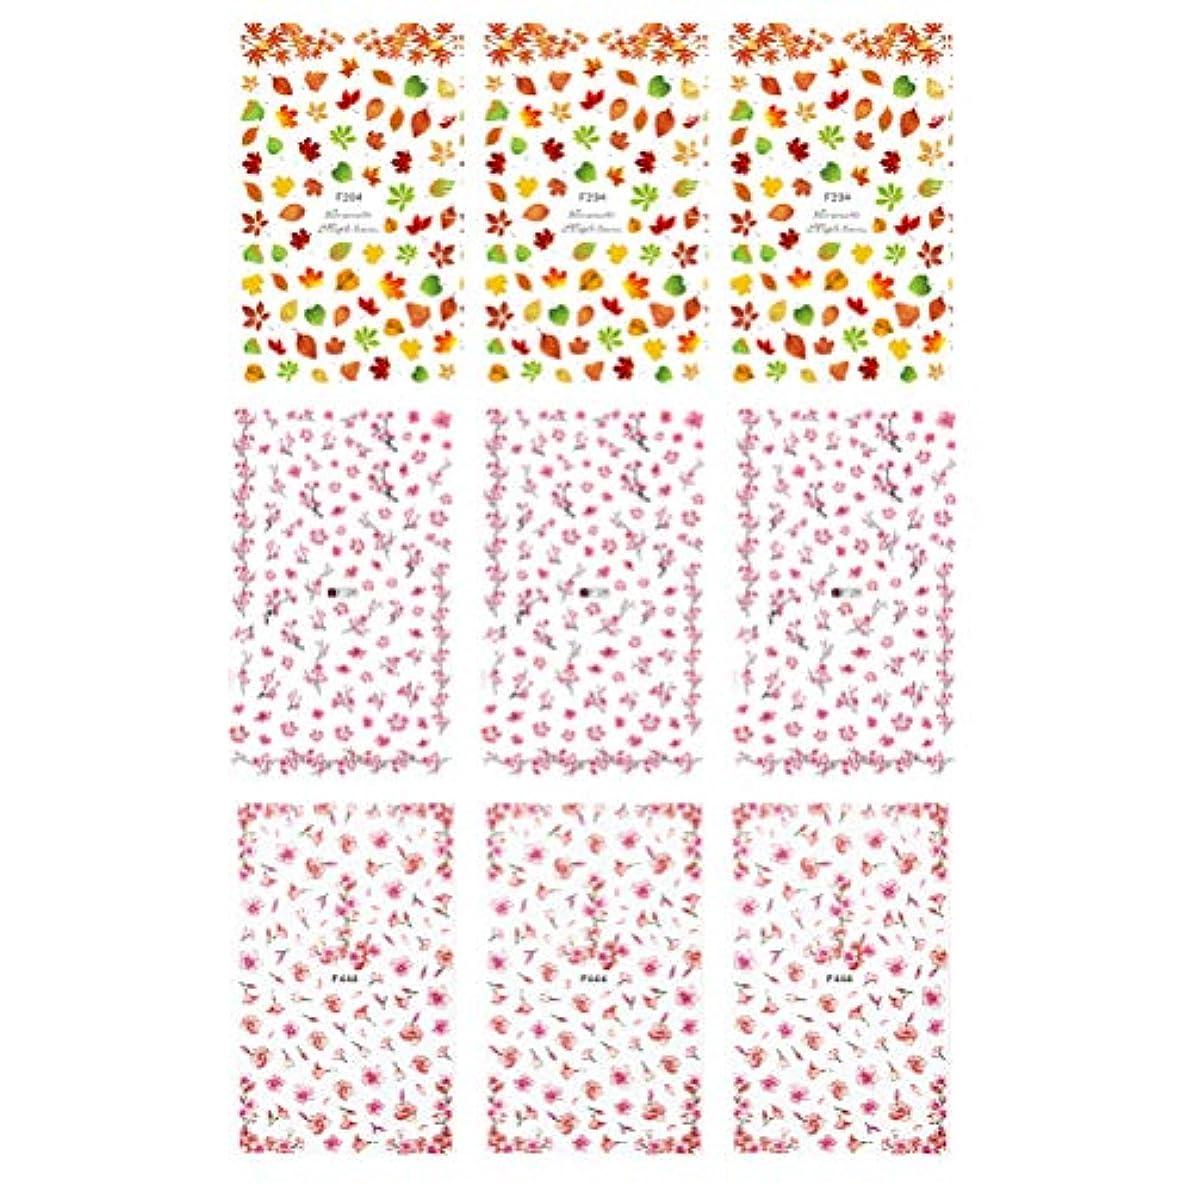 ホスト統治する分離Frcolor ネイルシール 花 3D ネイルステッカー 水彩風 ネイルホイル ももの花 桜 ネイルアートシール 爪に貼るだけ マニキュア 3種類 9枚セット